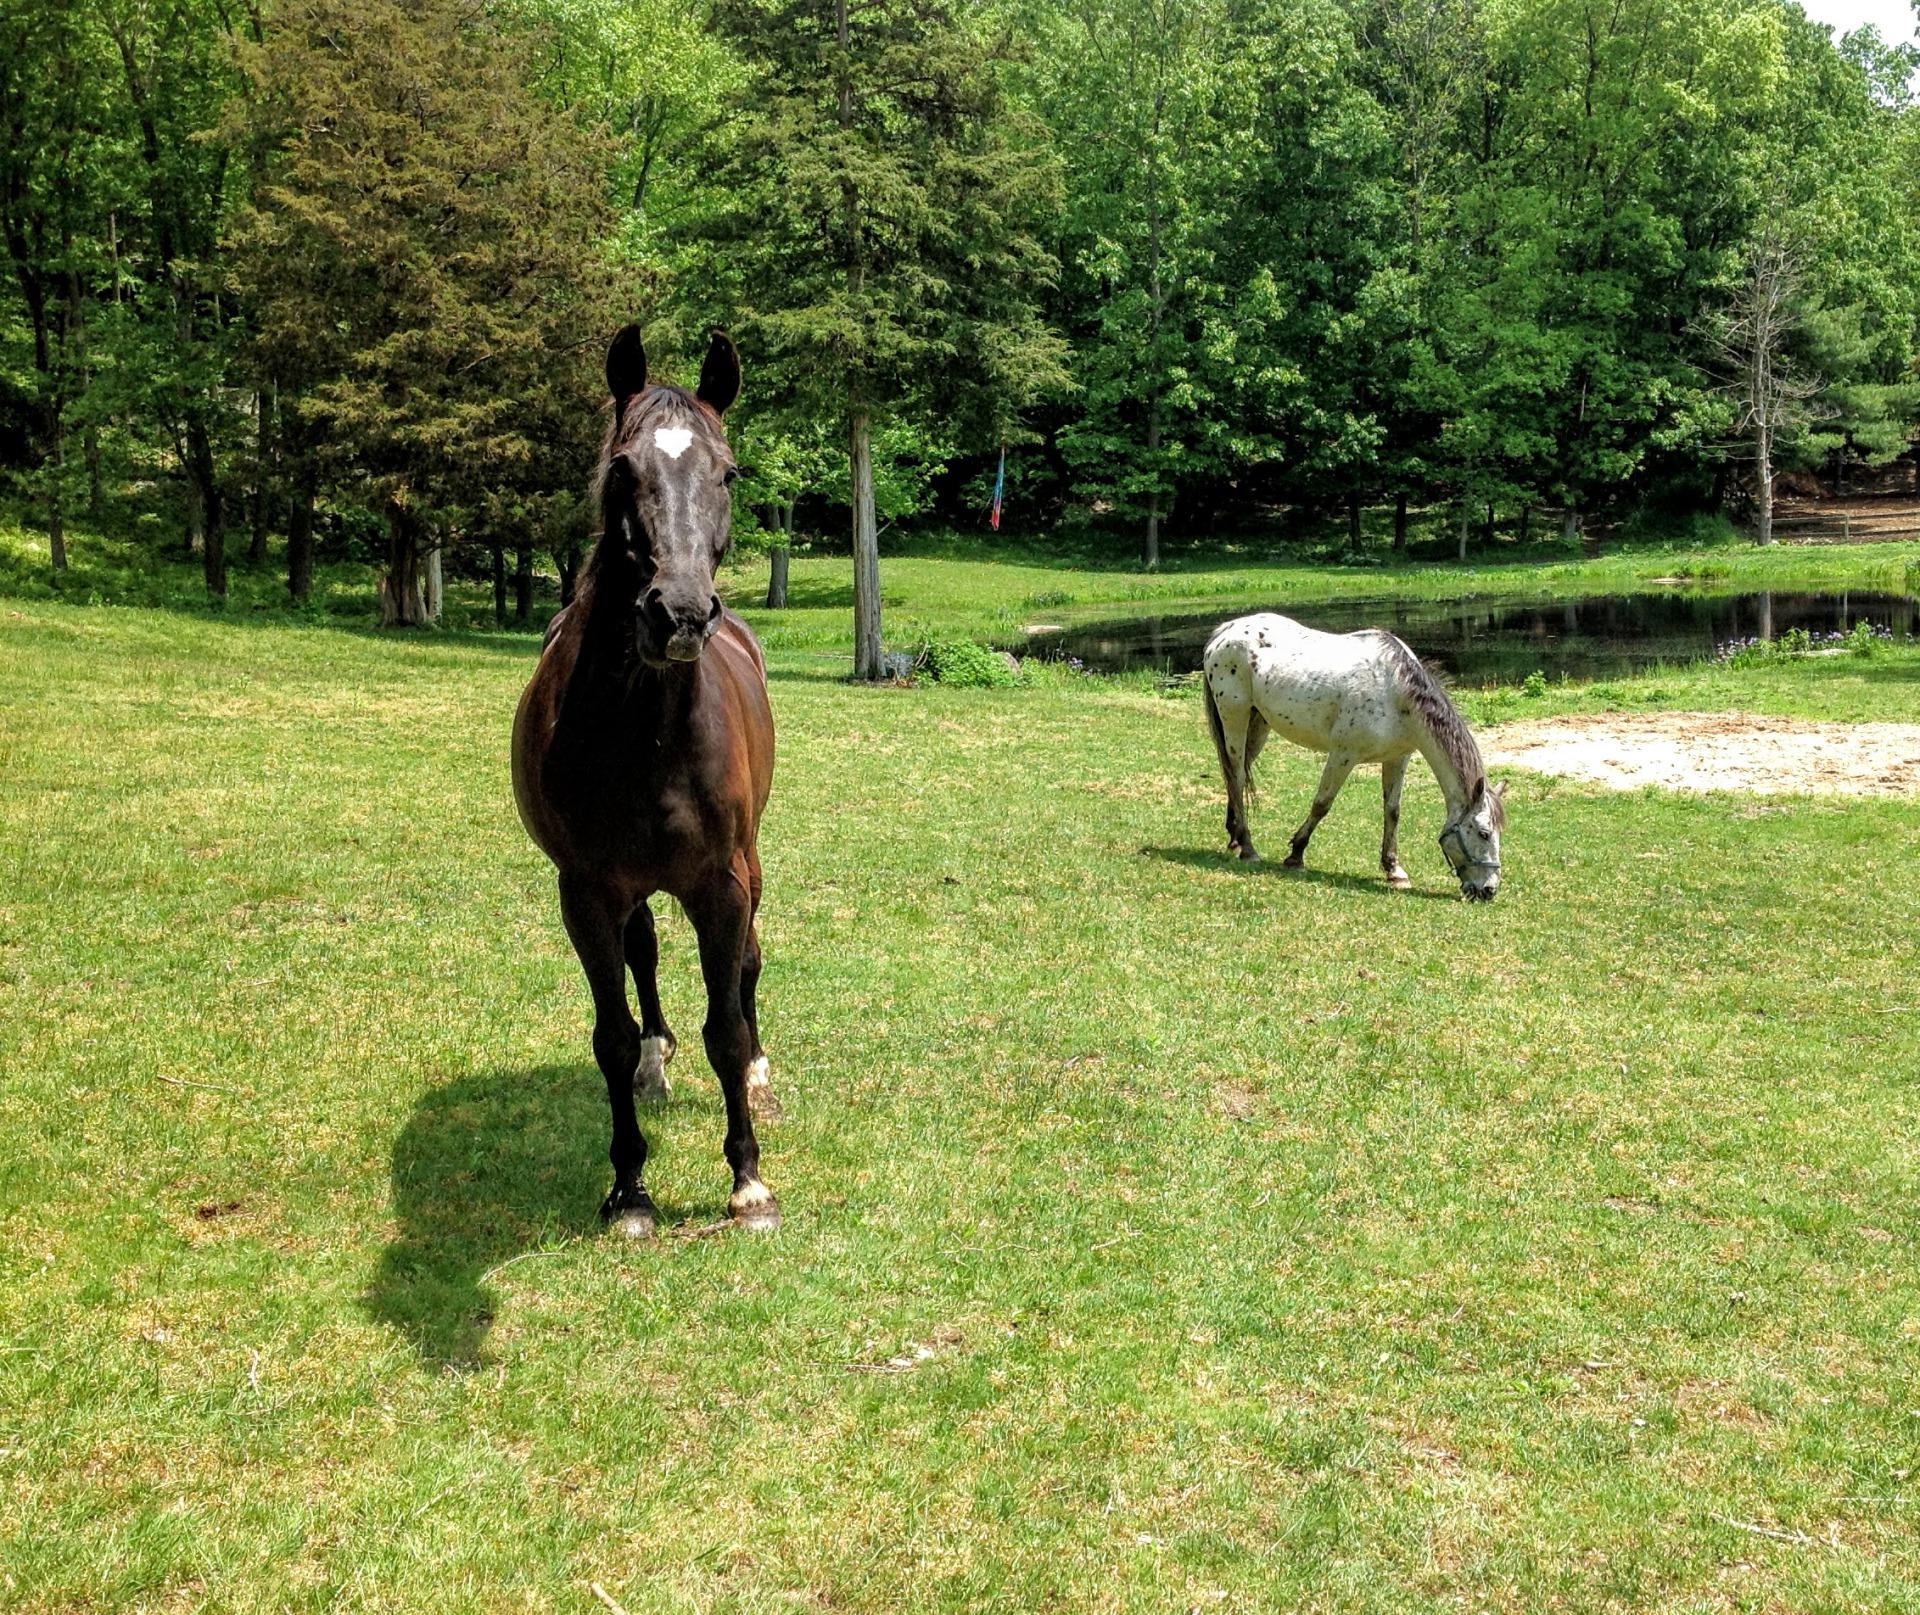 Horseback Riding Lessons near Montville, CT